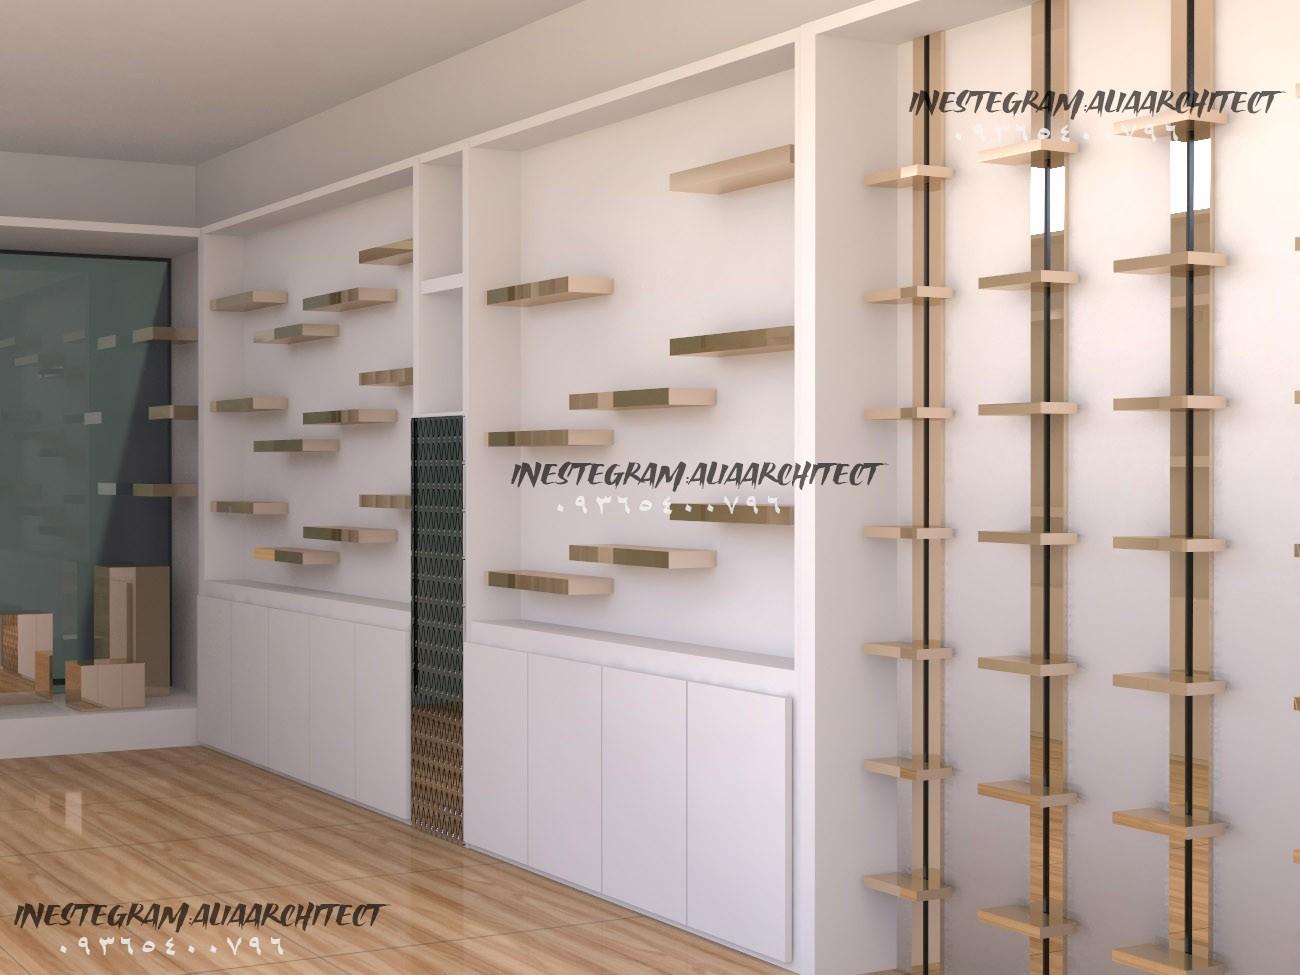 طراح کابینت،دکوراسیون داخلی،دکور مغازه ،سه بعدی